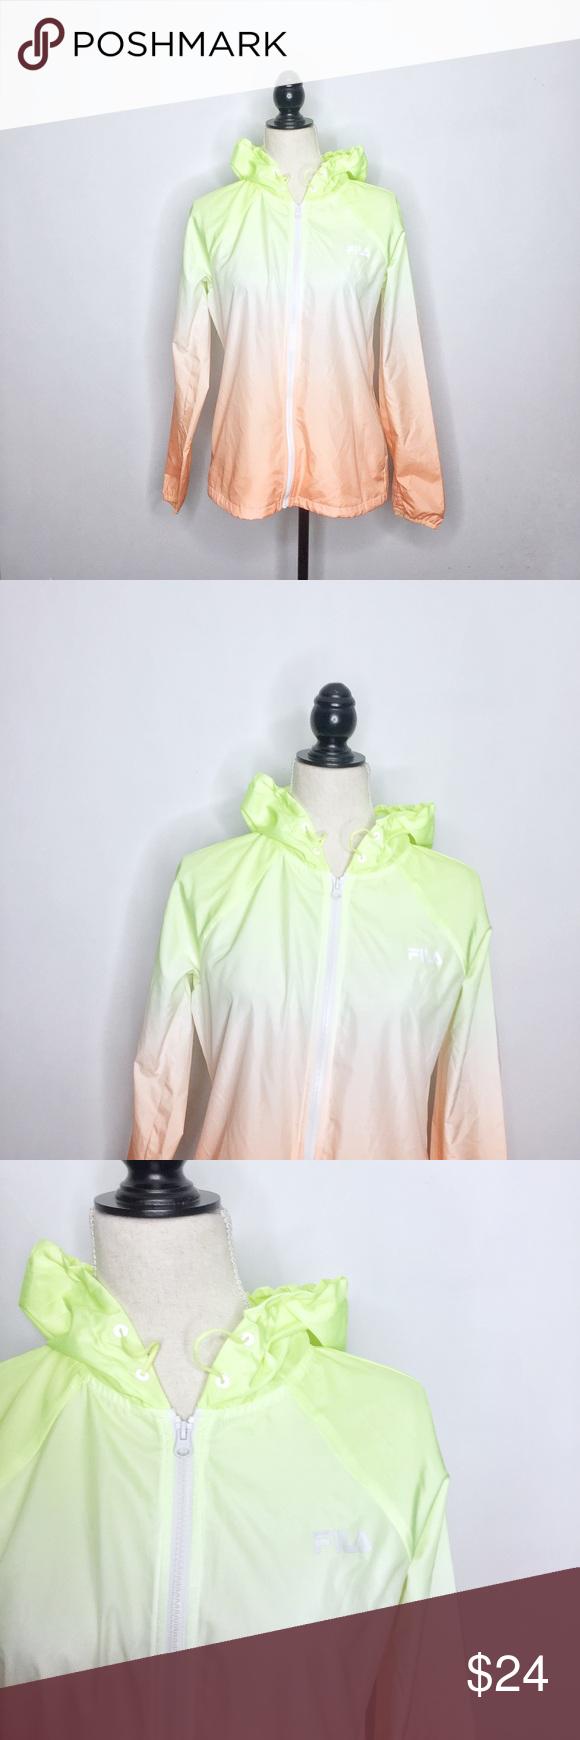 e4278fef3d5f FILA Ombré Hooded Woven Windbreaker Zip Jacket FILA Sport. Size Small. Ombré  Hooded Woven